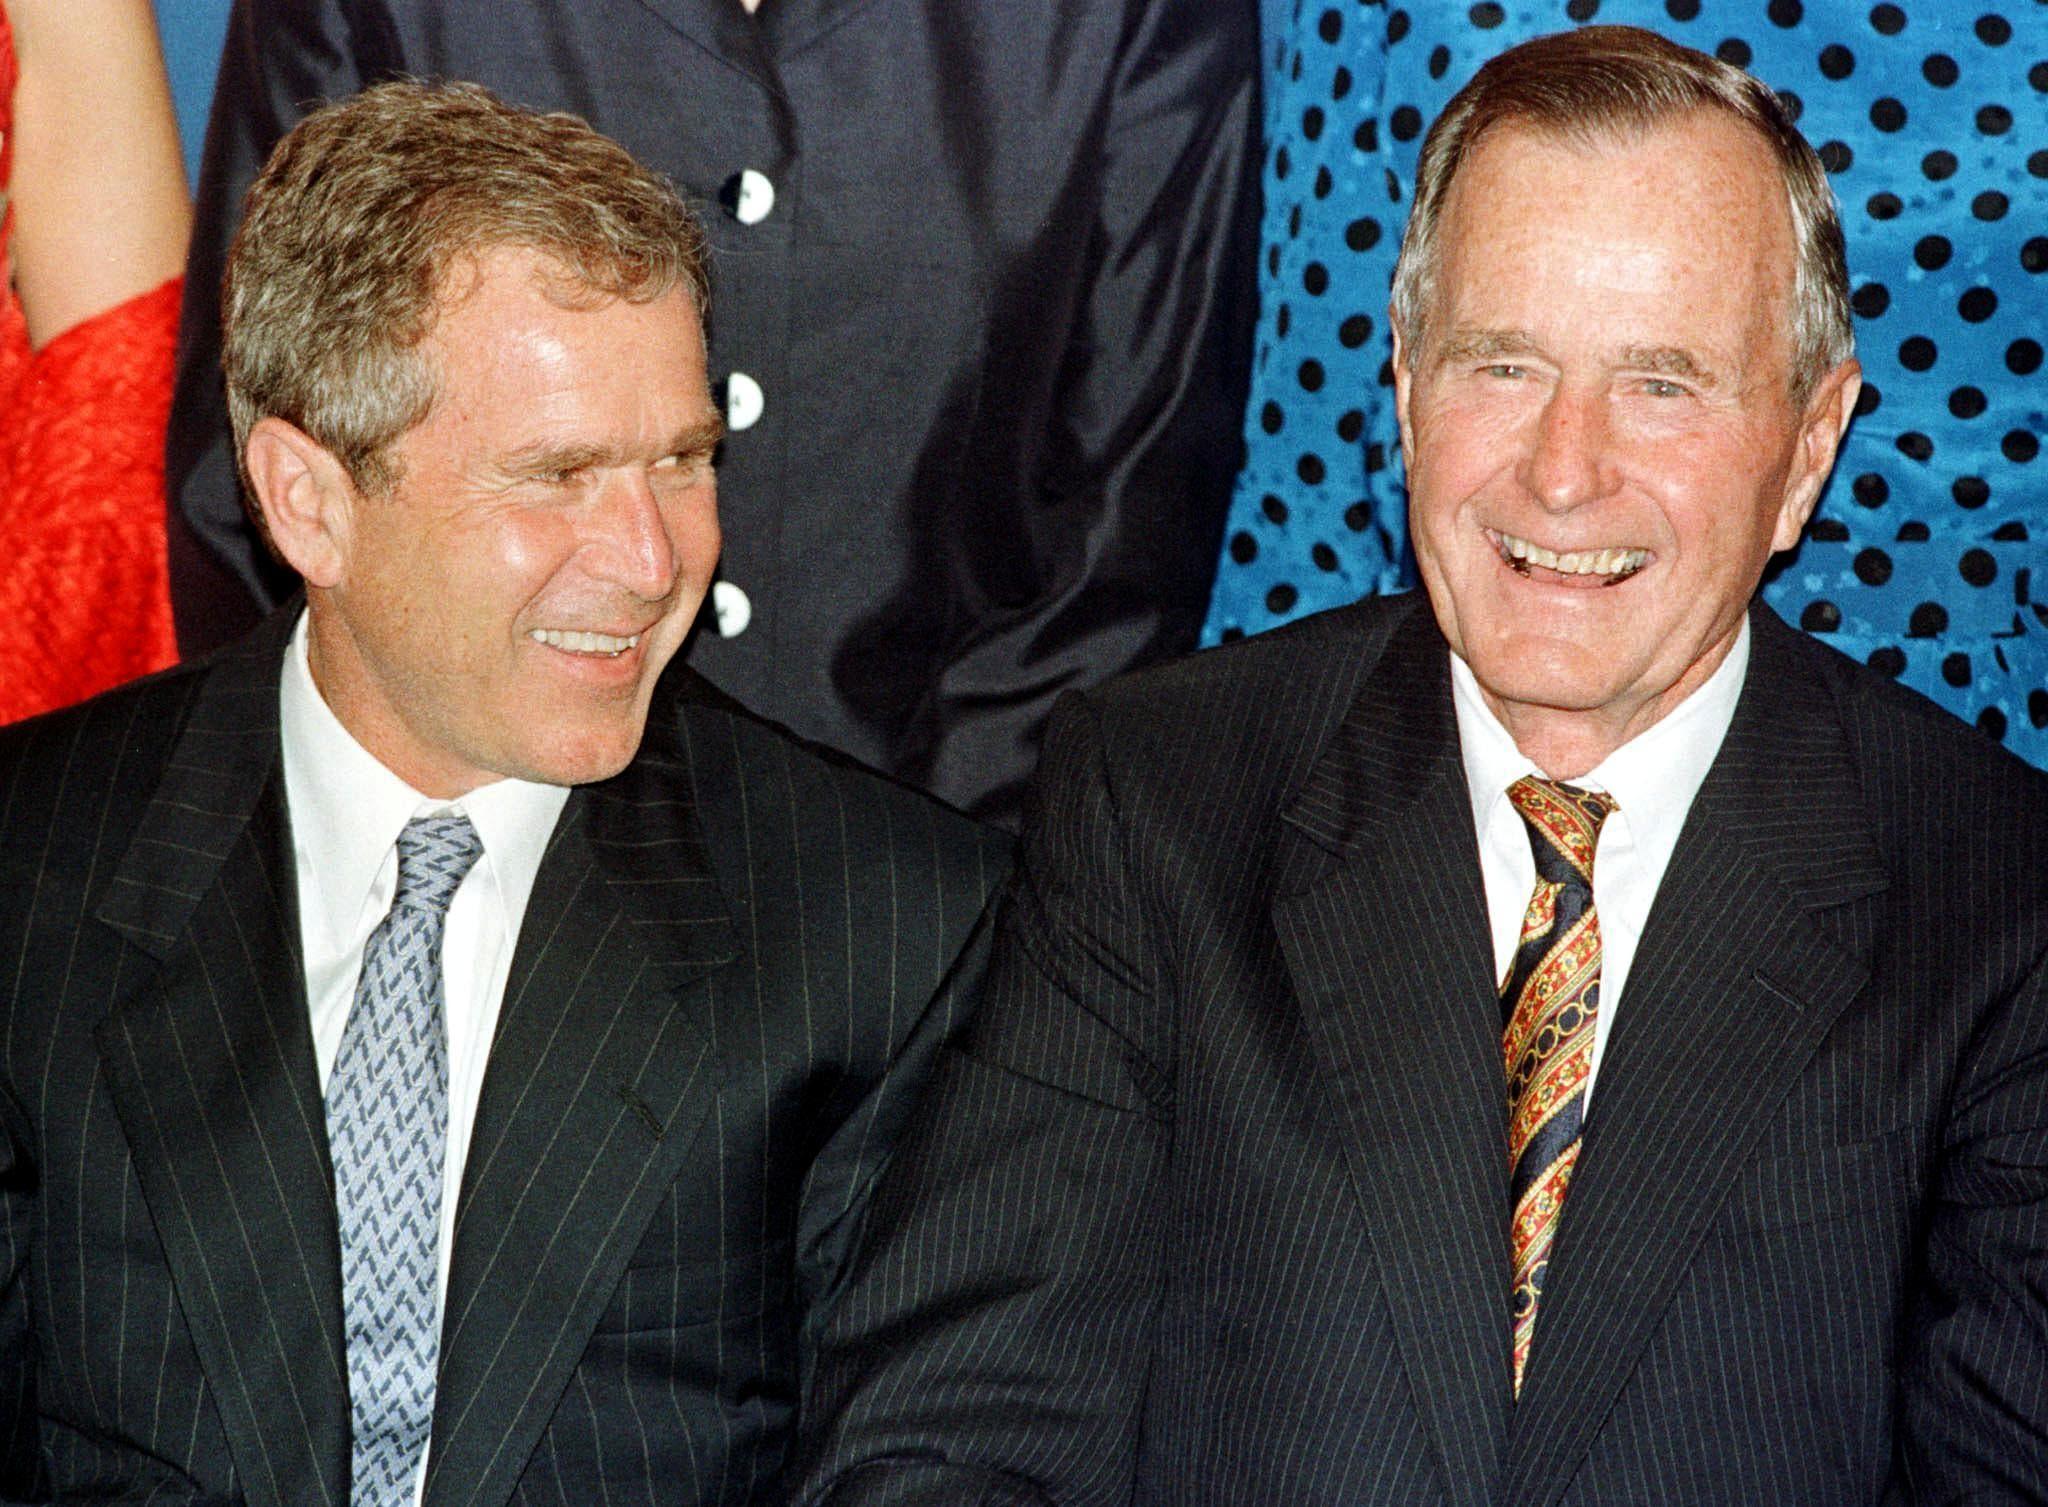 جورج بوش الأب مع ابنه